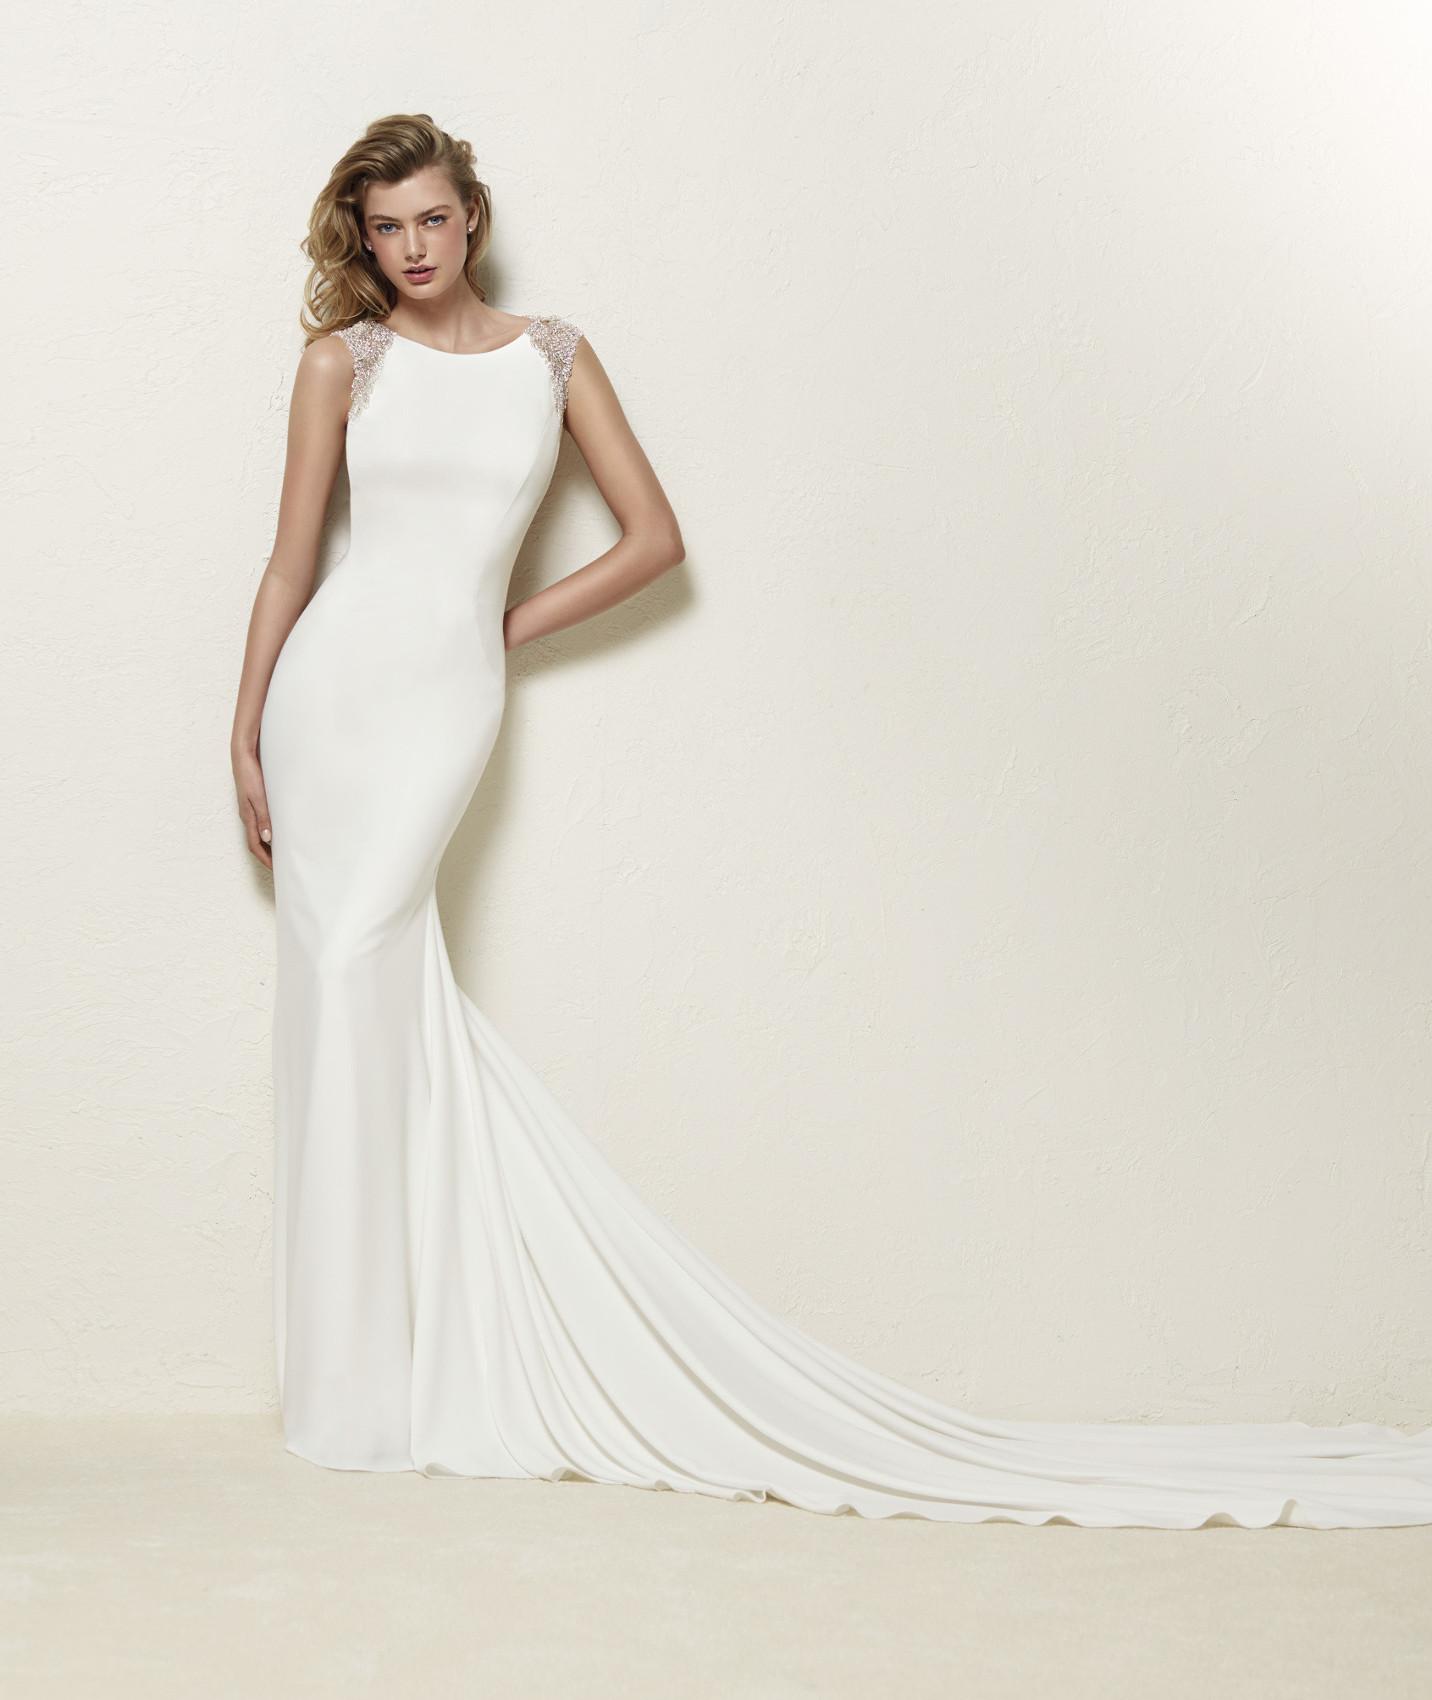 Dravidia vestuvinė suknelė